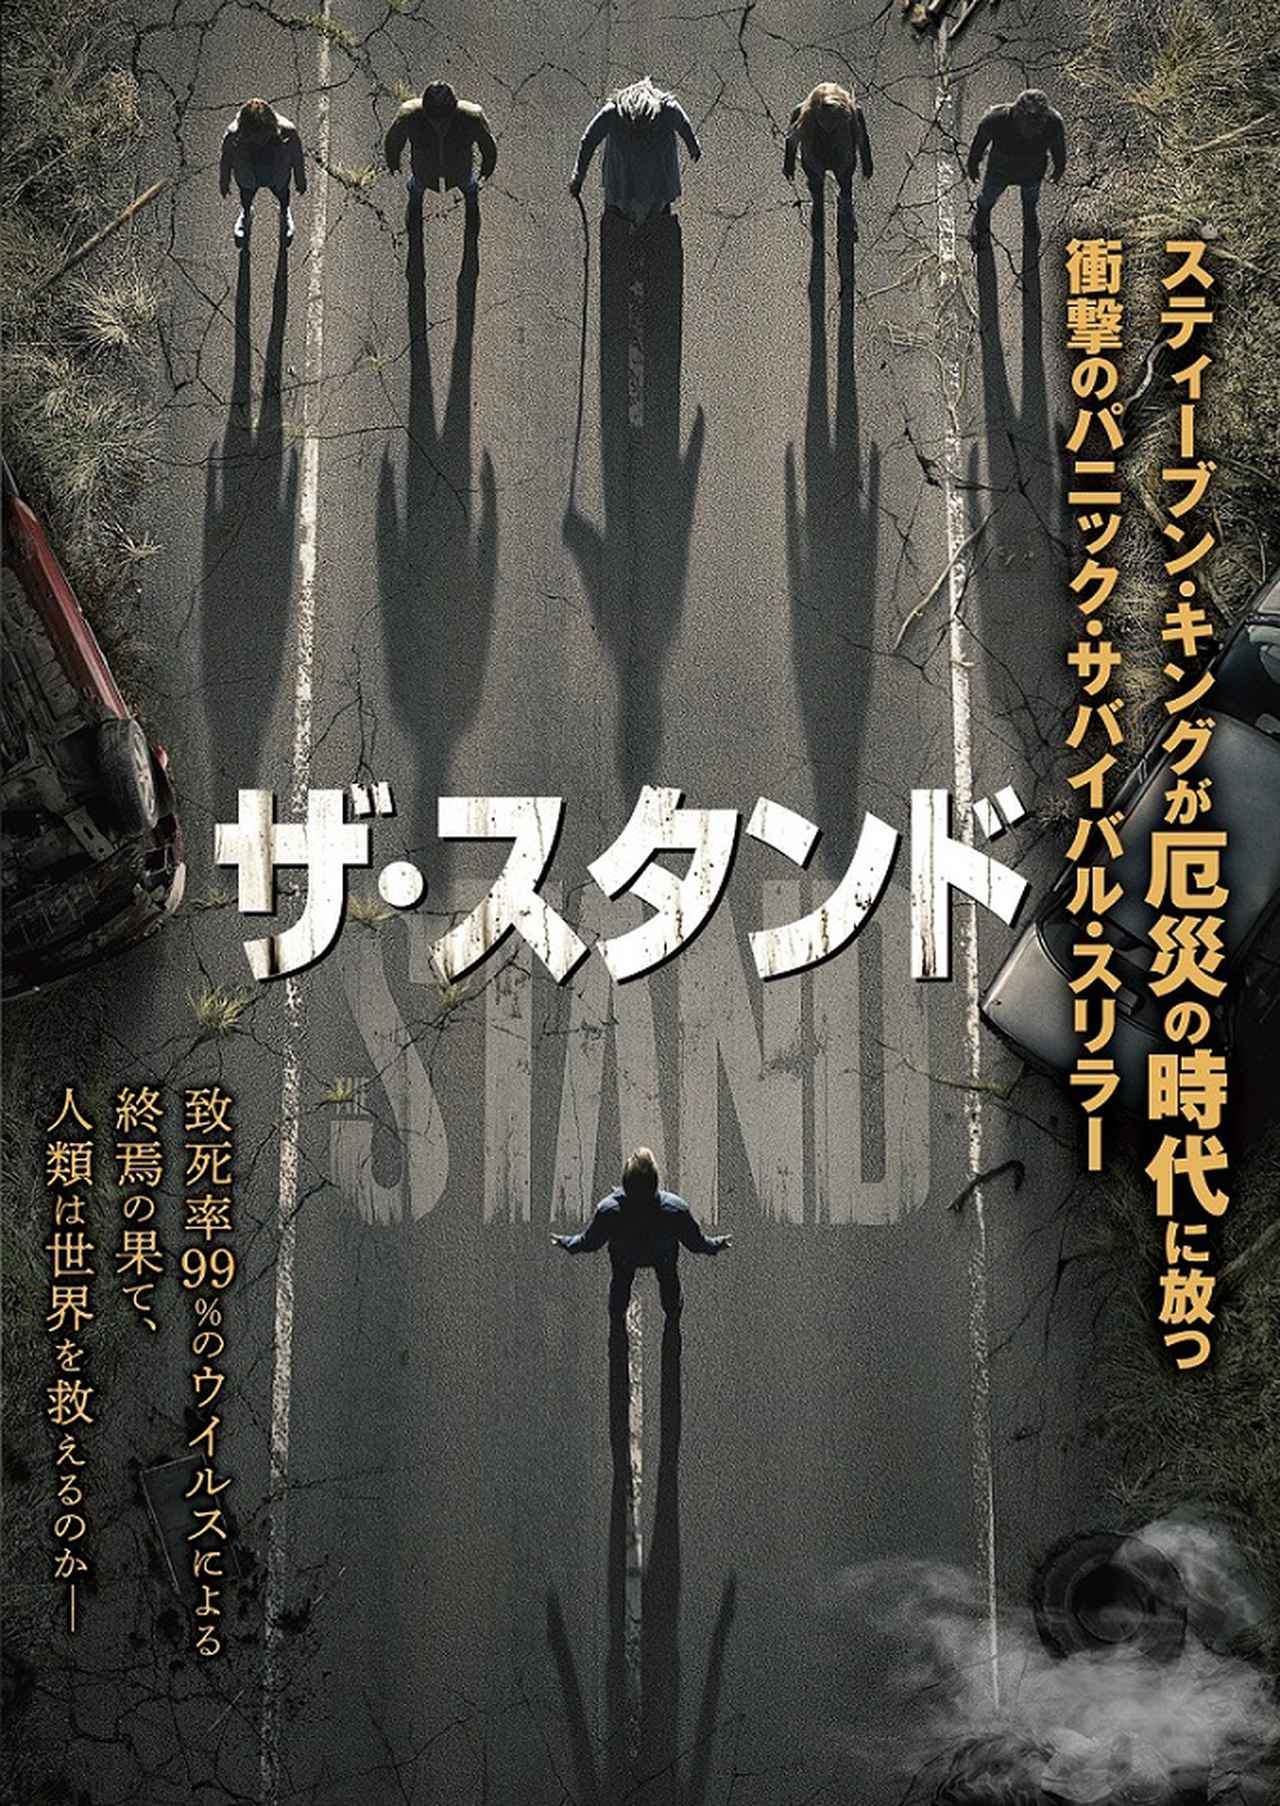 画像: スティーブン・キングが放つパニック・サバイバル・スリラー!海外ドラマ『ザ・スタンド』11月DVD発売決定